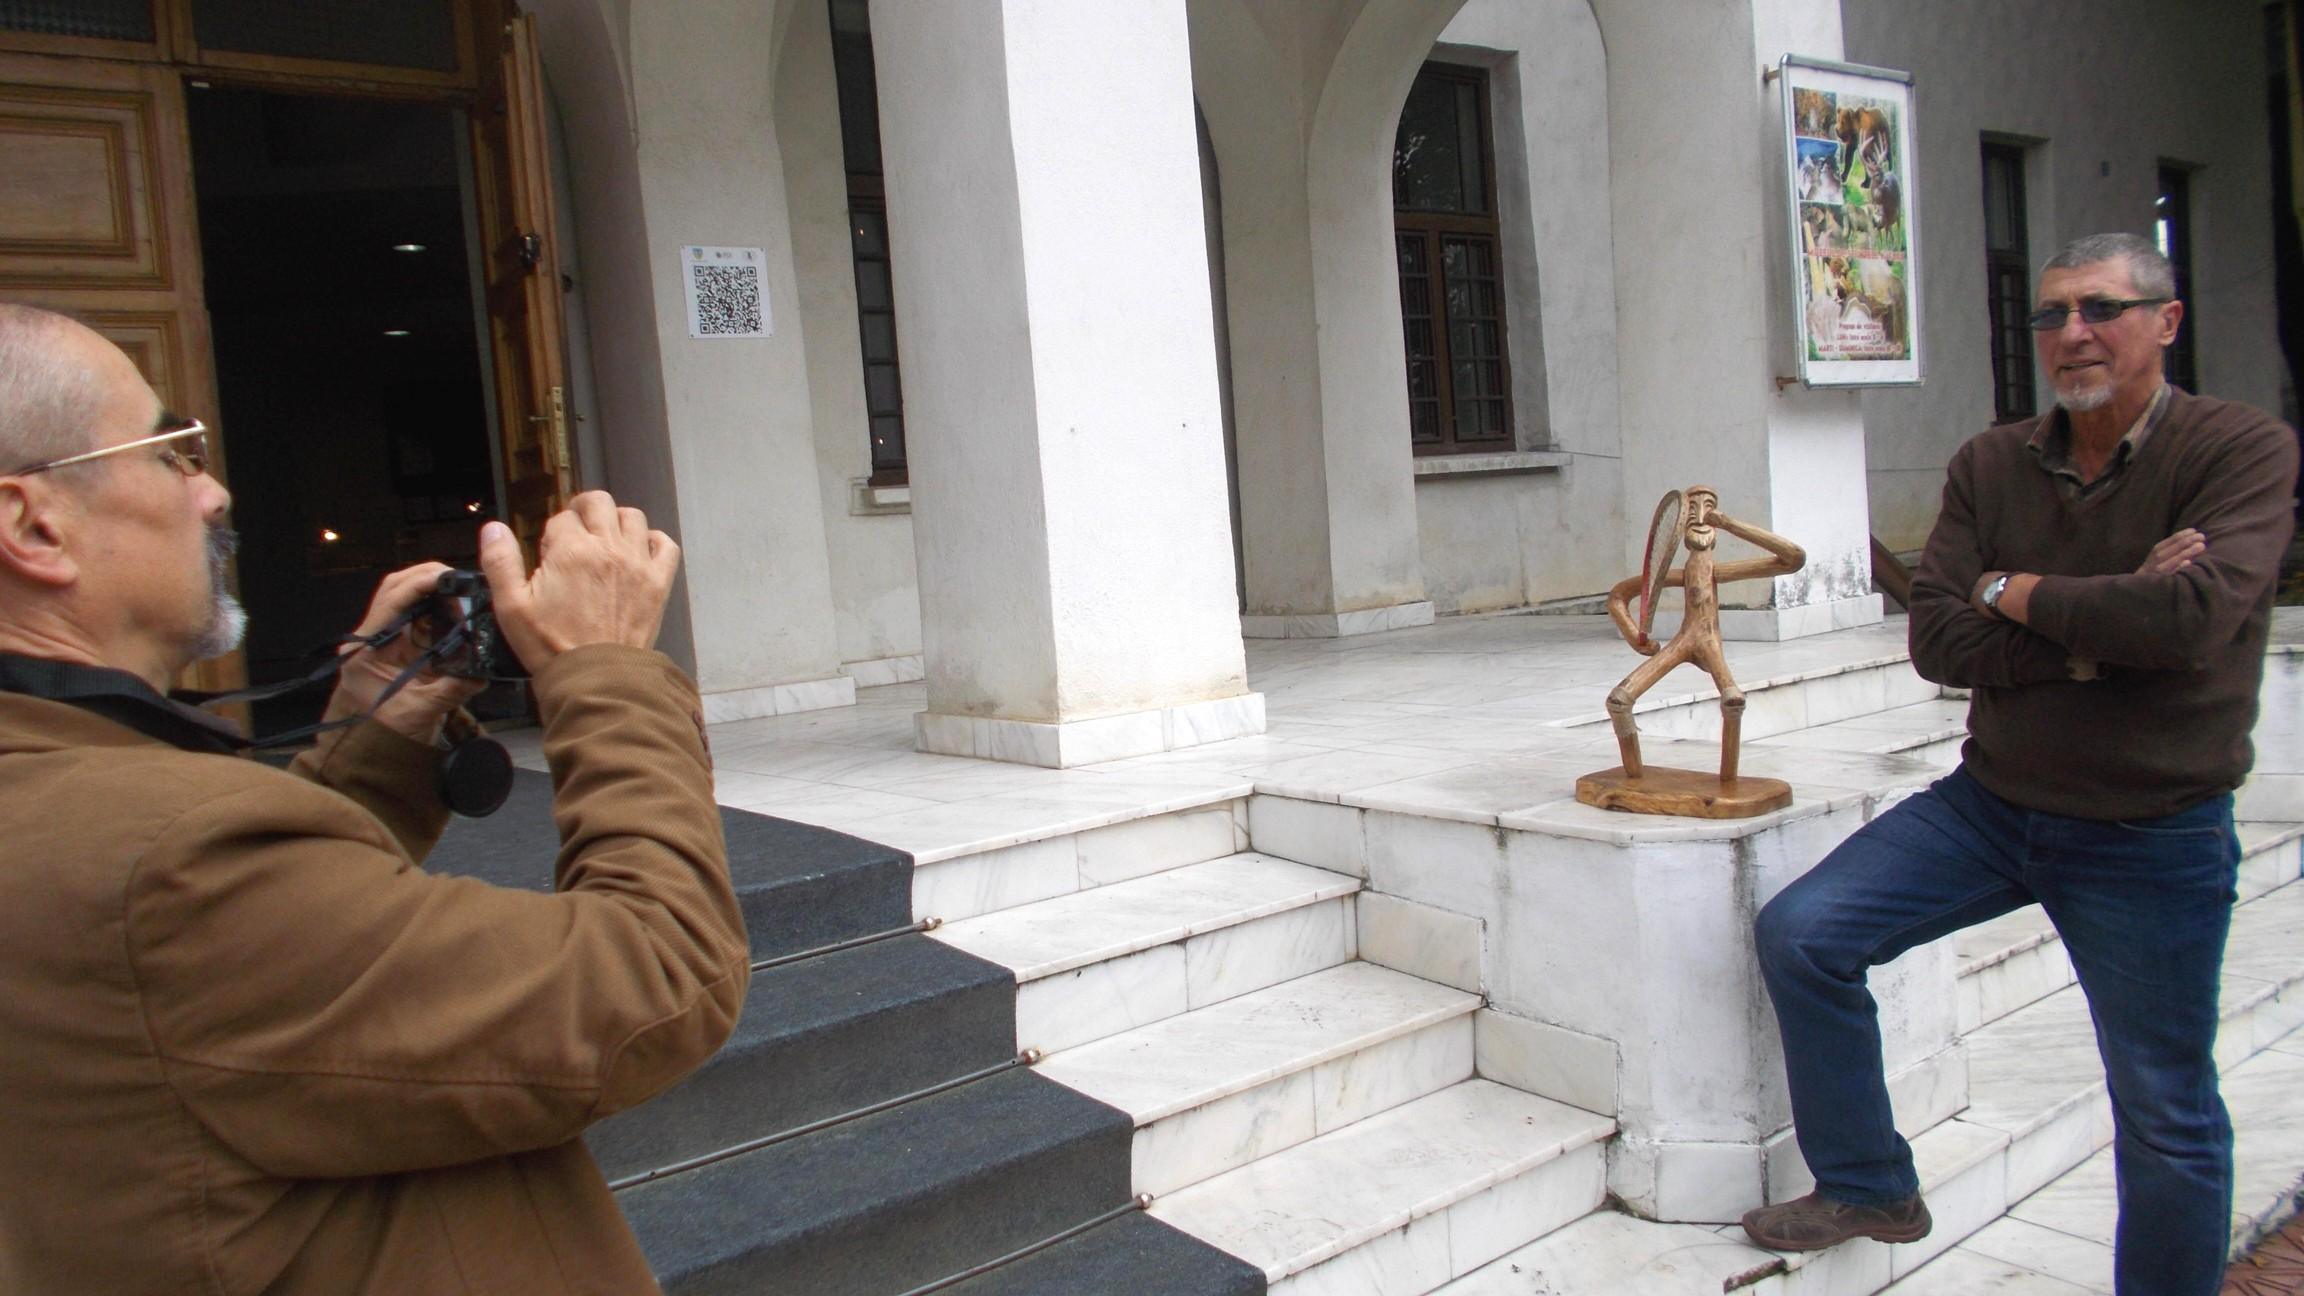 Opera şi autorul rezistă, în nemişcare, până ce Tibi Cosovan izbuteşte să-i fotografieze